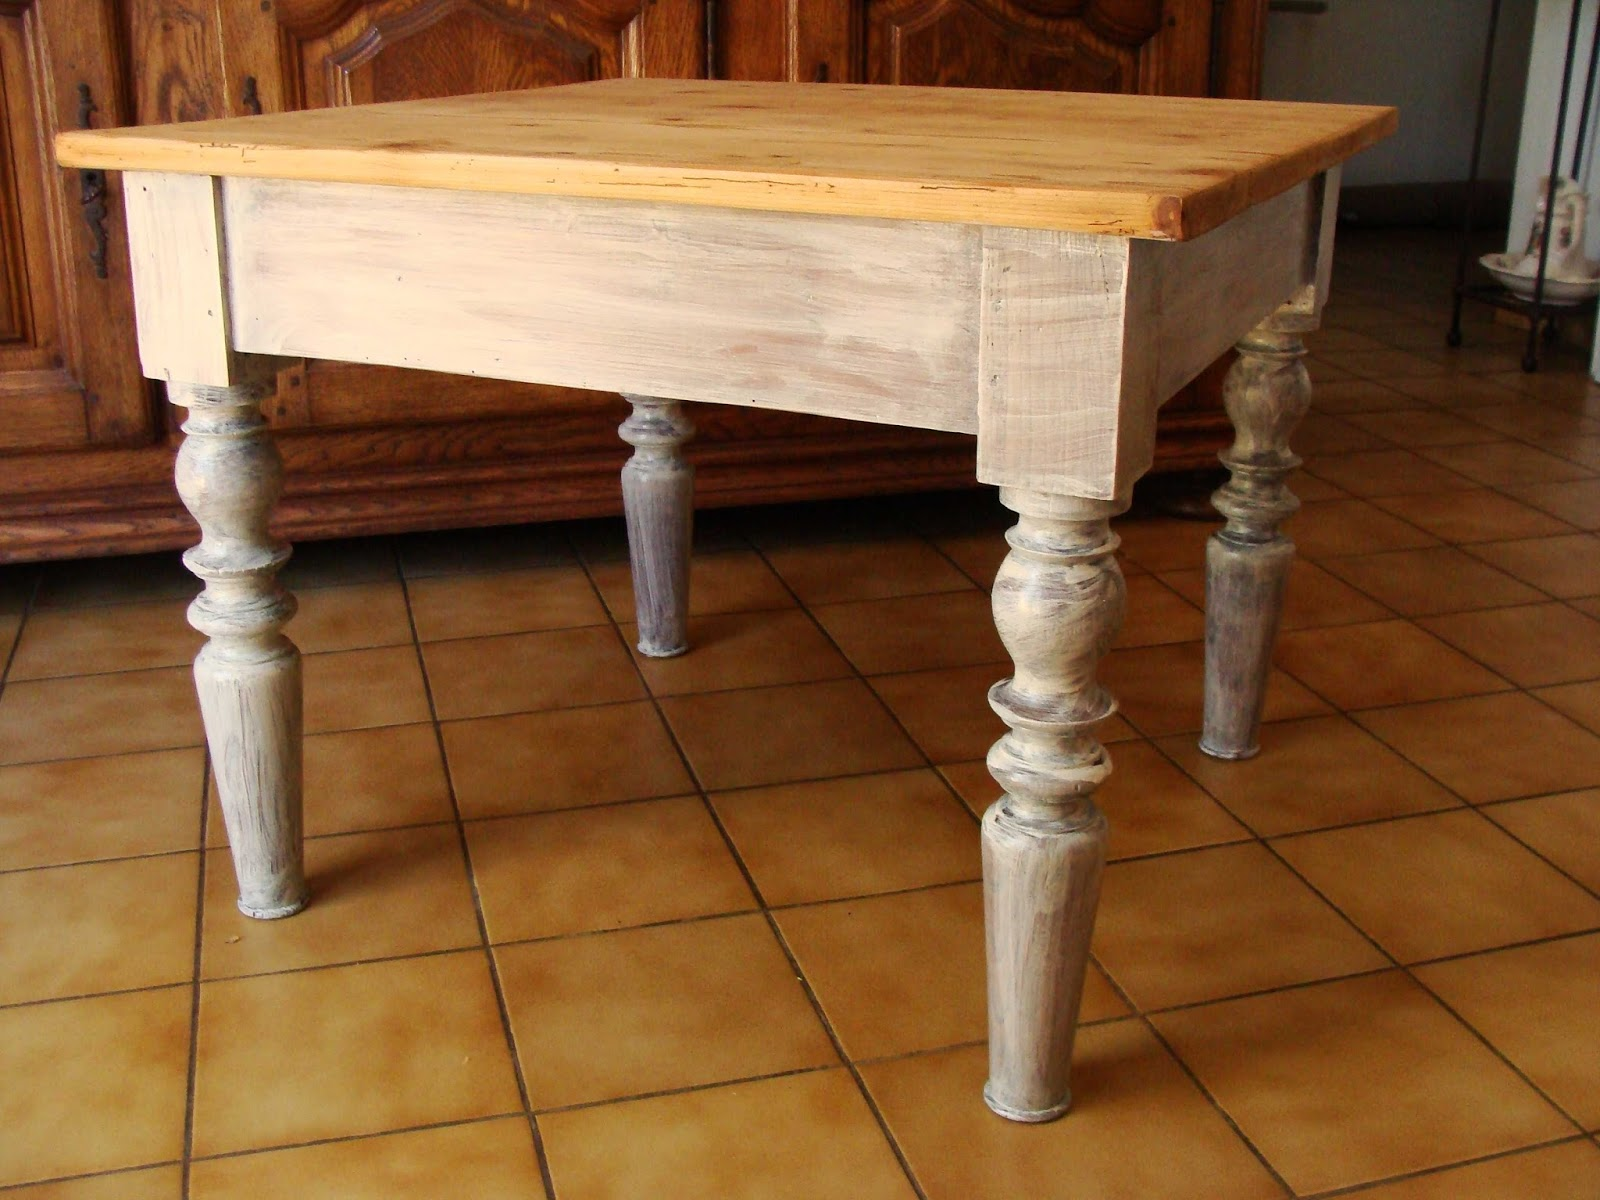 Nouvelle vie pour objets et meubles table basse for Objet decoratif pour table